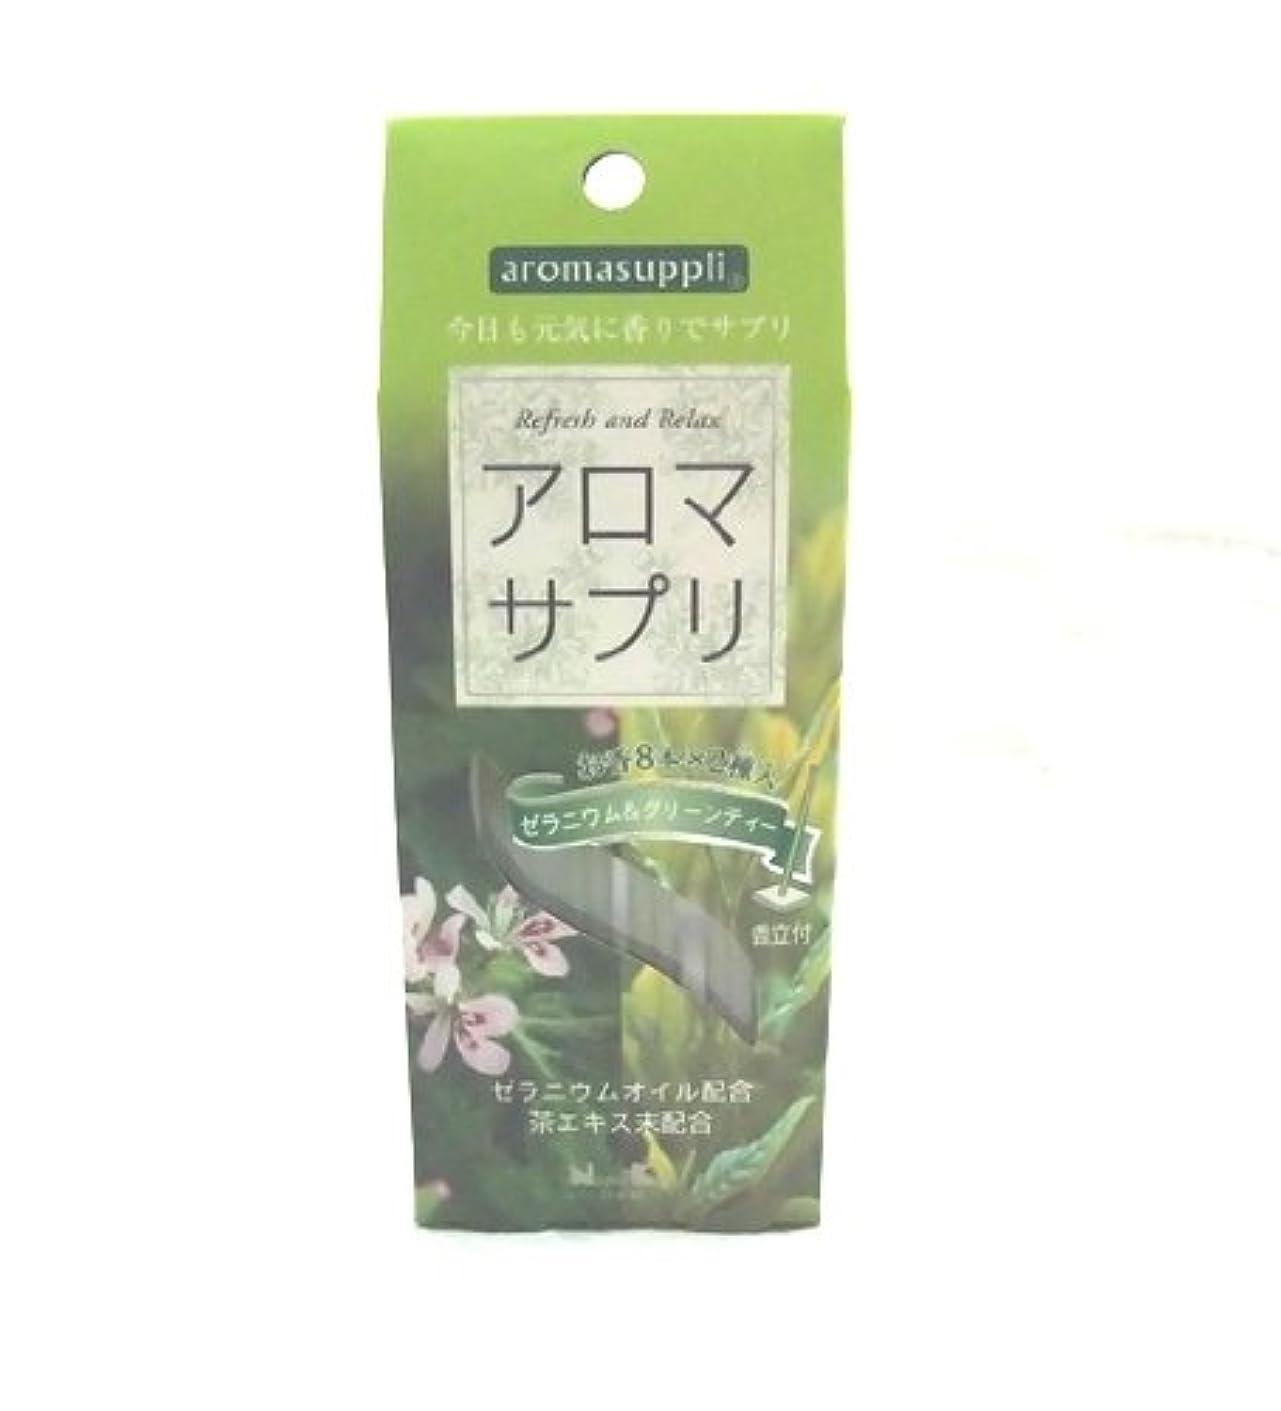 眼電化する測るお香 アロマサプリ<ゼラニウム&グリーンティー> 2種類の香り× 各8本入 香立付